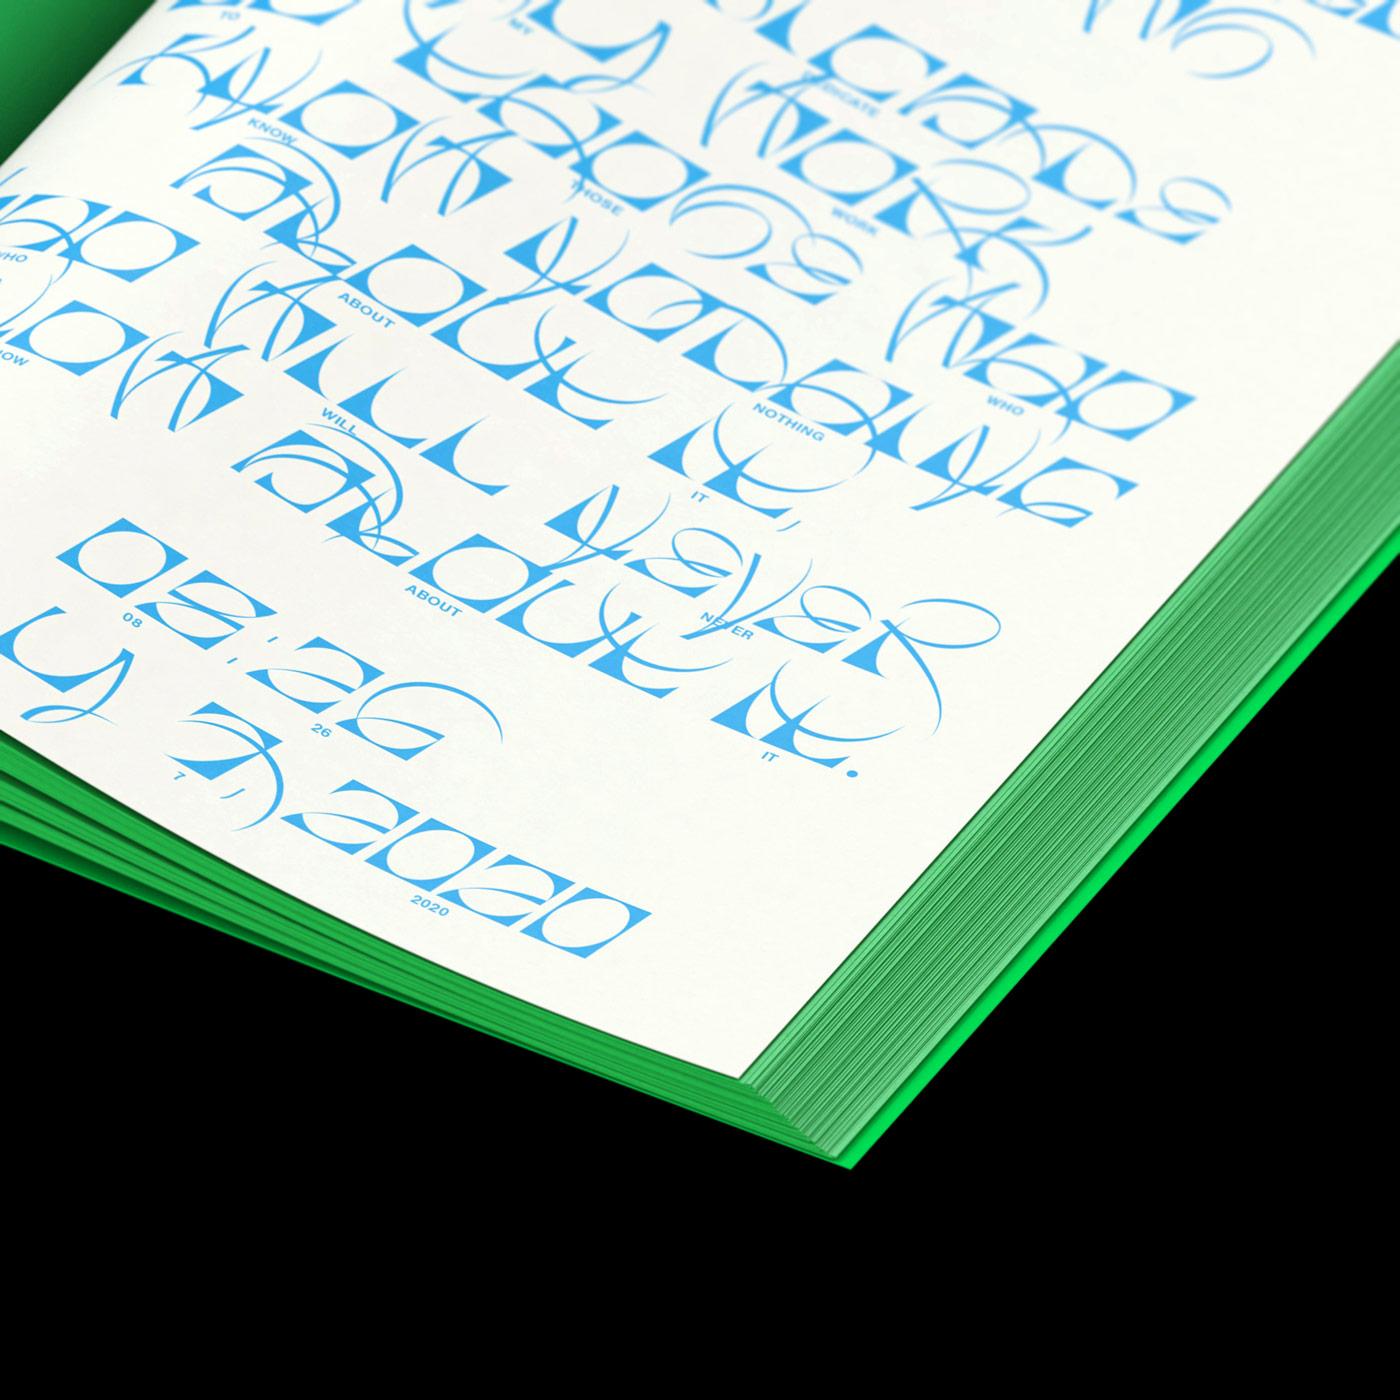 Ecker einer Seite eines aufgeschlagenen Buches mit abstrakter blauer Typografie